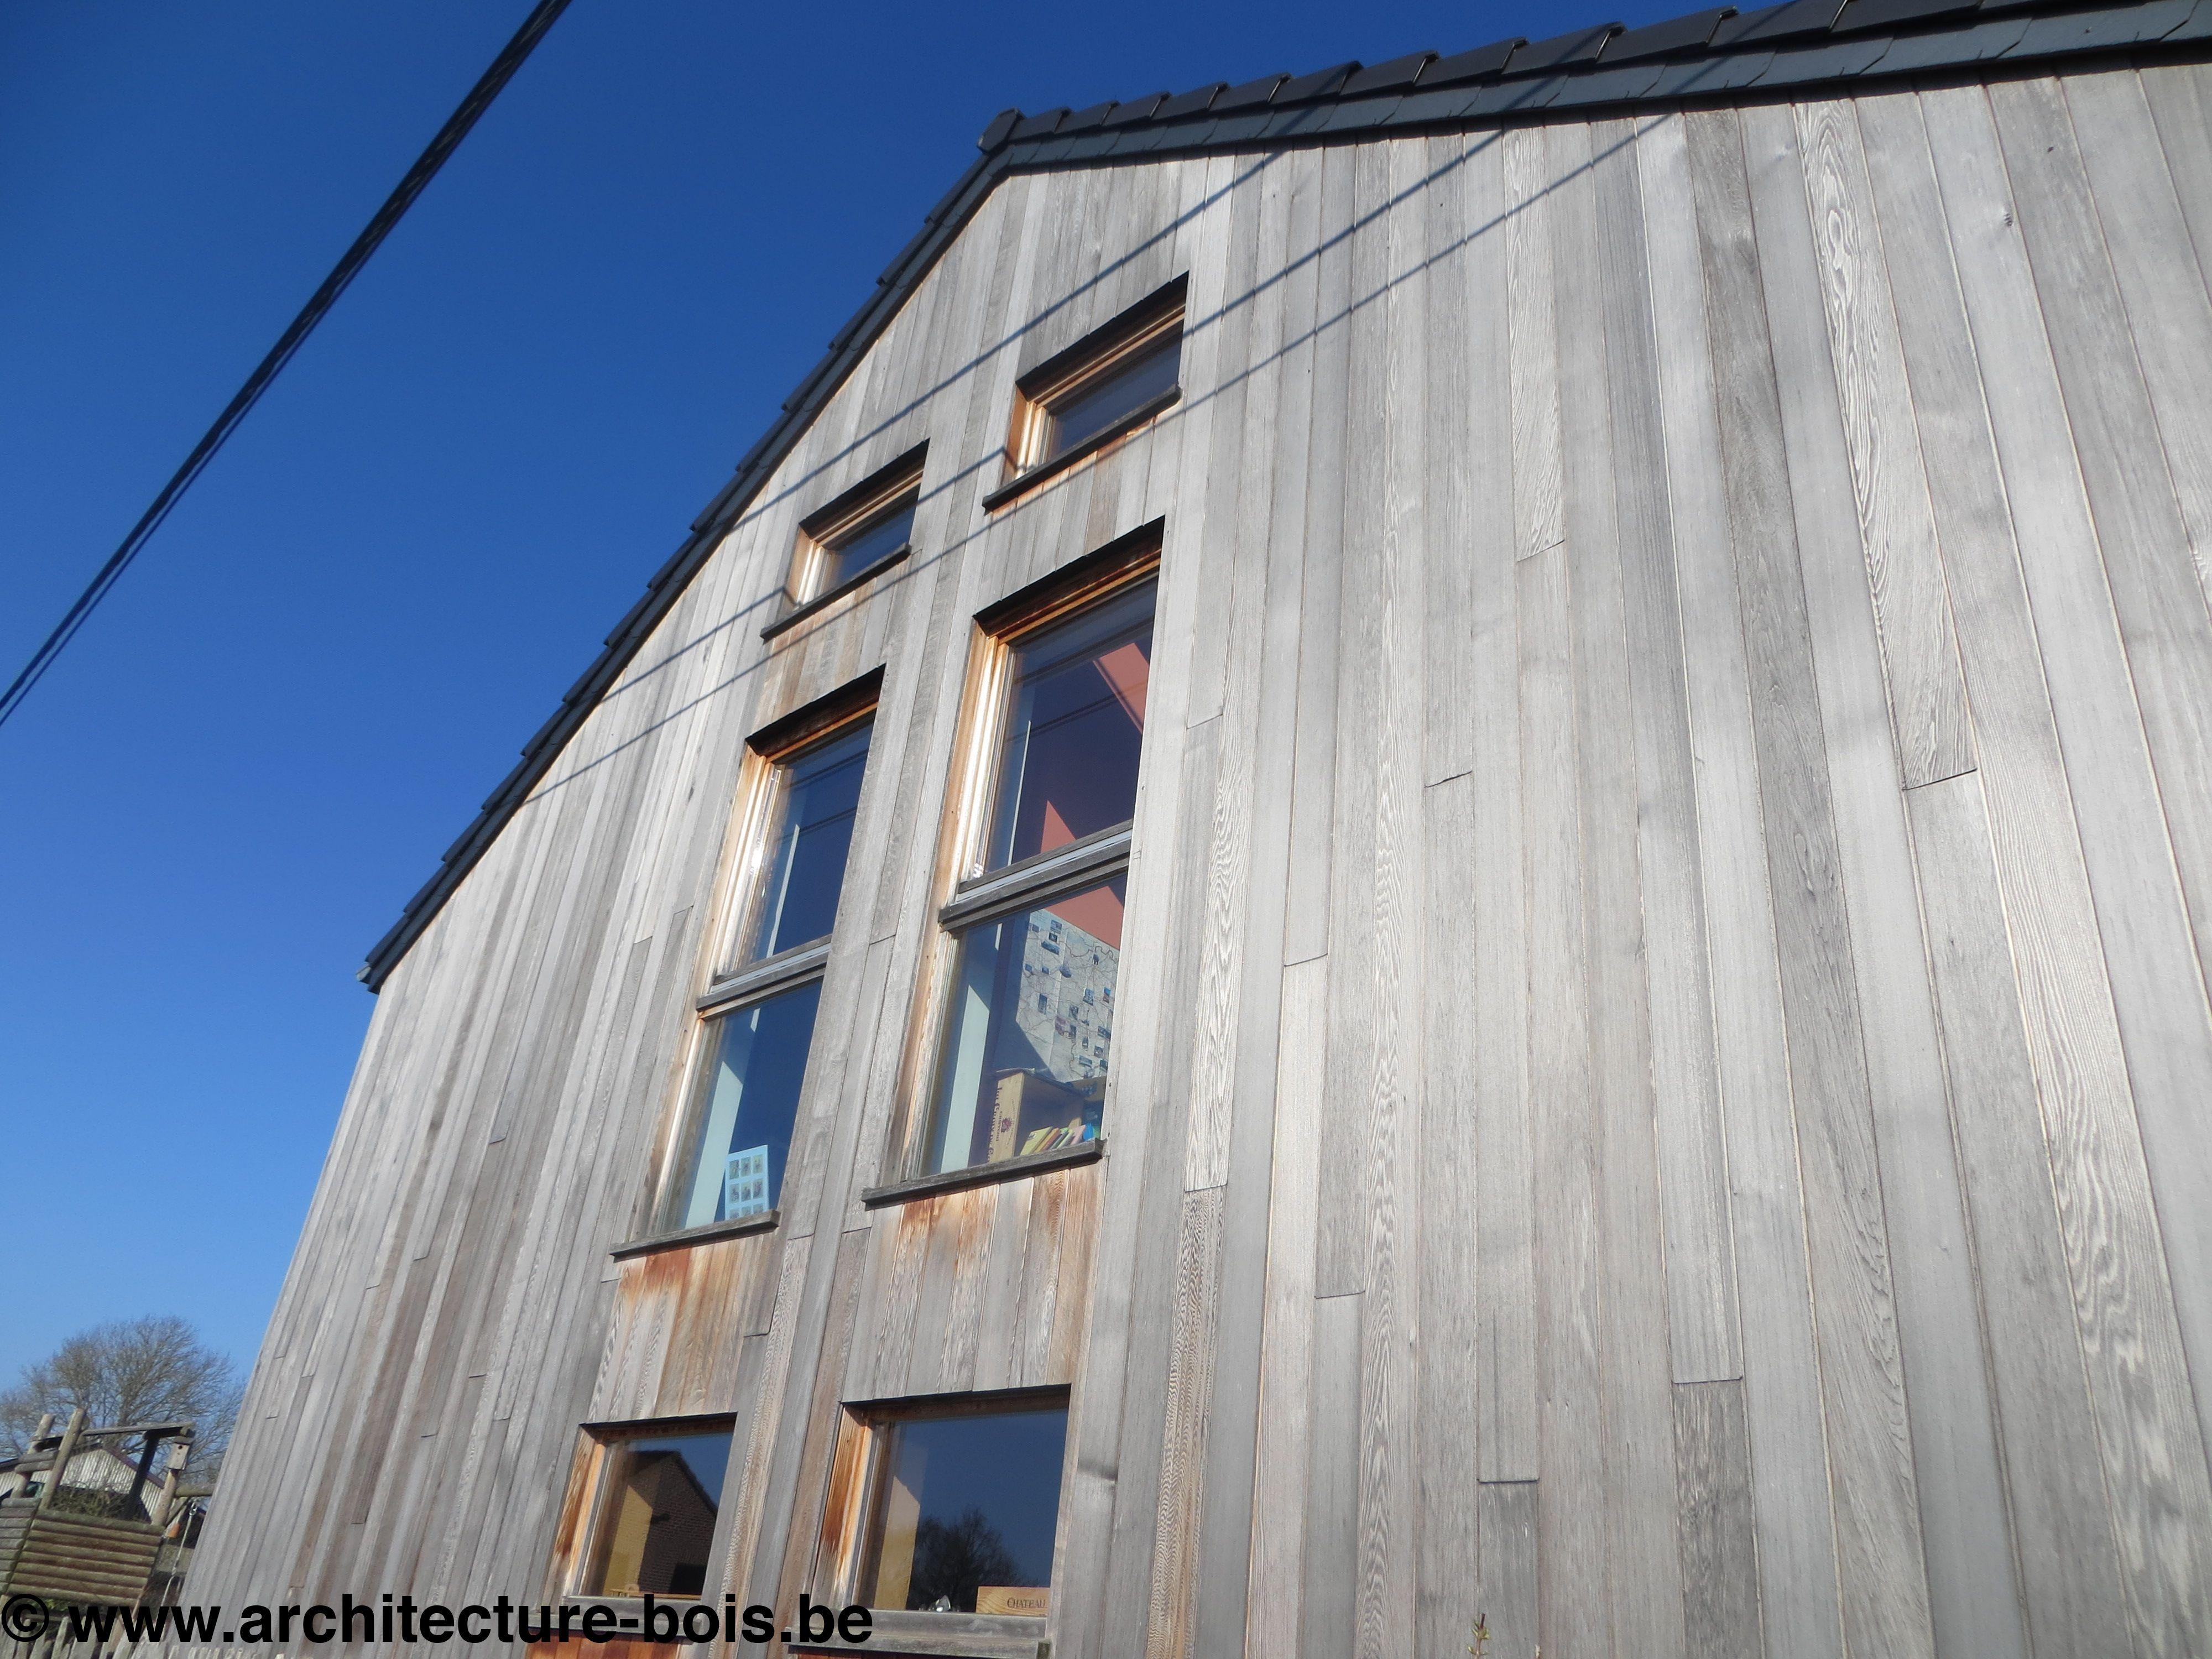 Maison 4 fa ades bioclimatique architecture bois for Architecture en bois